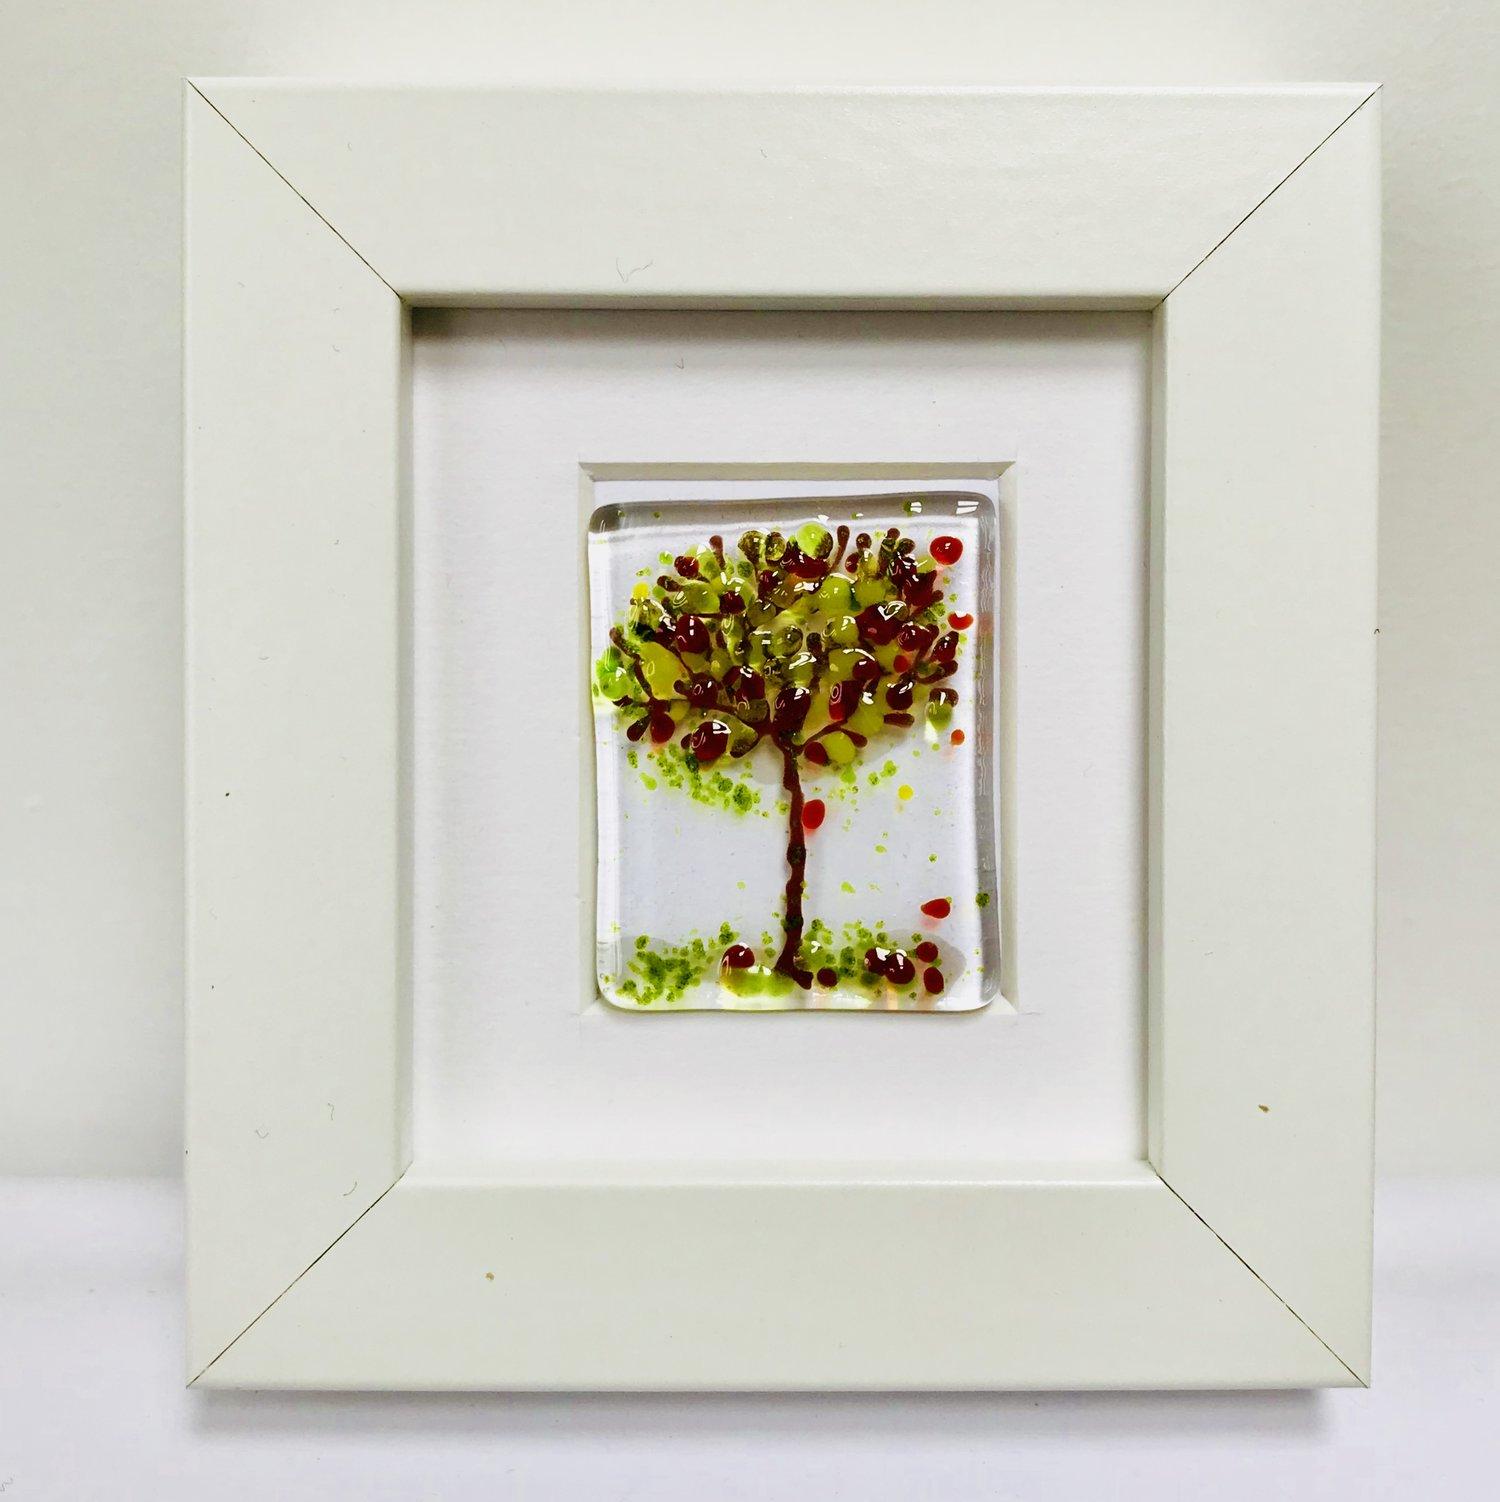 fused glass art framed - small — Mauralen